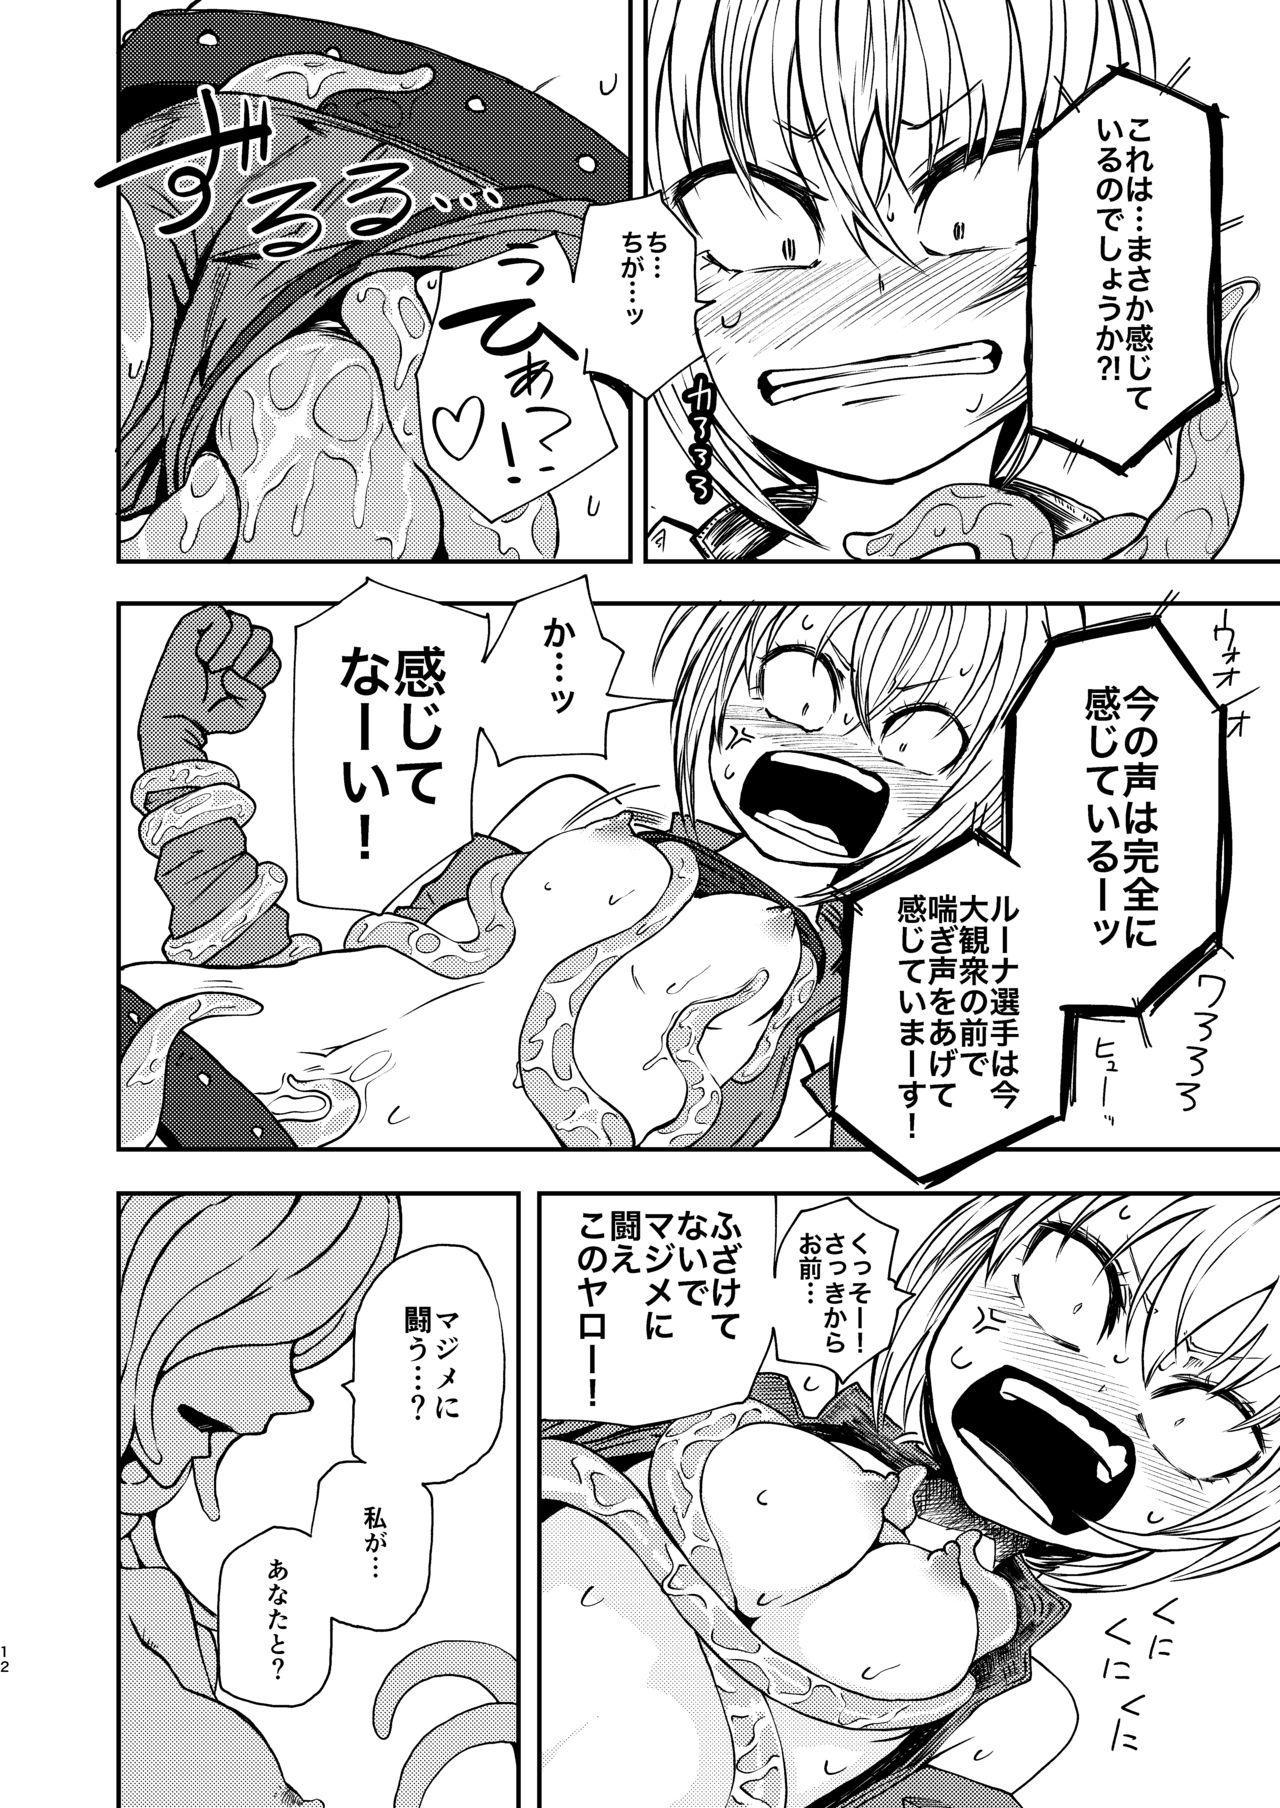 Tada no Onna Boukensha ga Tougijou ni Sanka Shita Kekka Lv 99 no Monster-san ni Bokoboko ni Saremashita 10